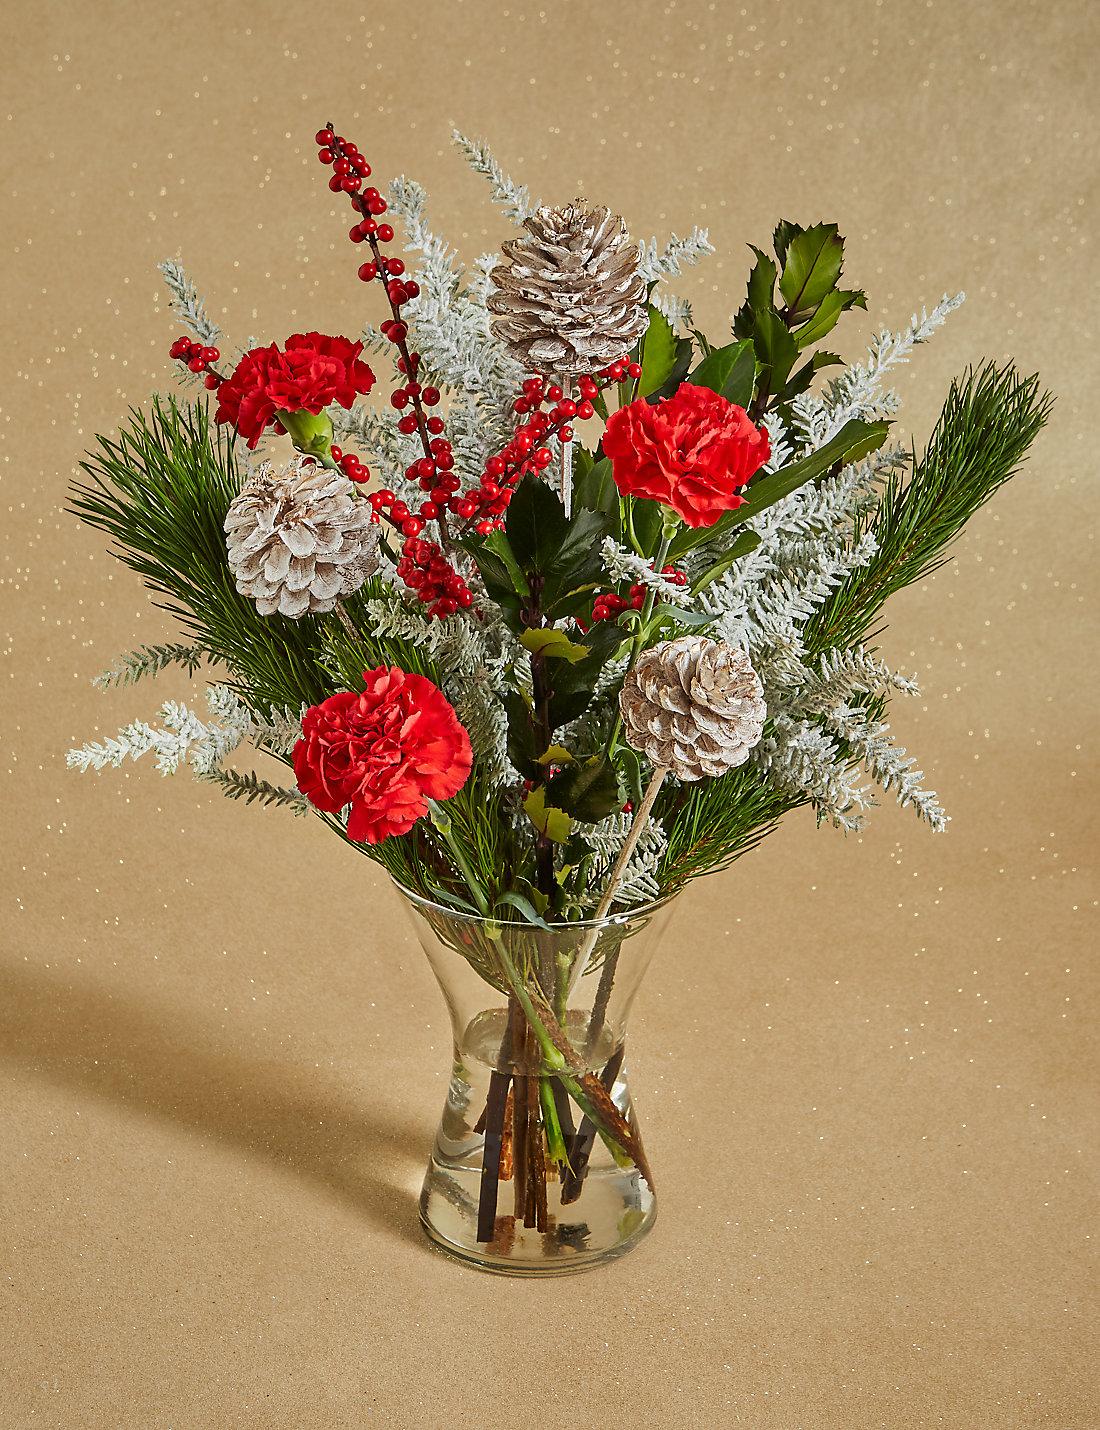 Flower Bouquet Arrangement Pictures Fresh Flower Company Dead